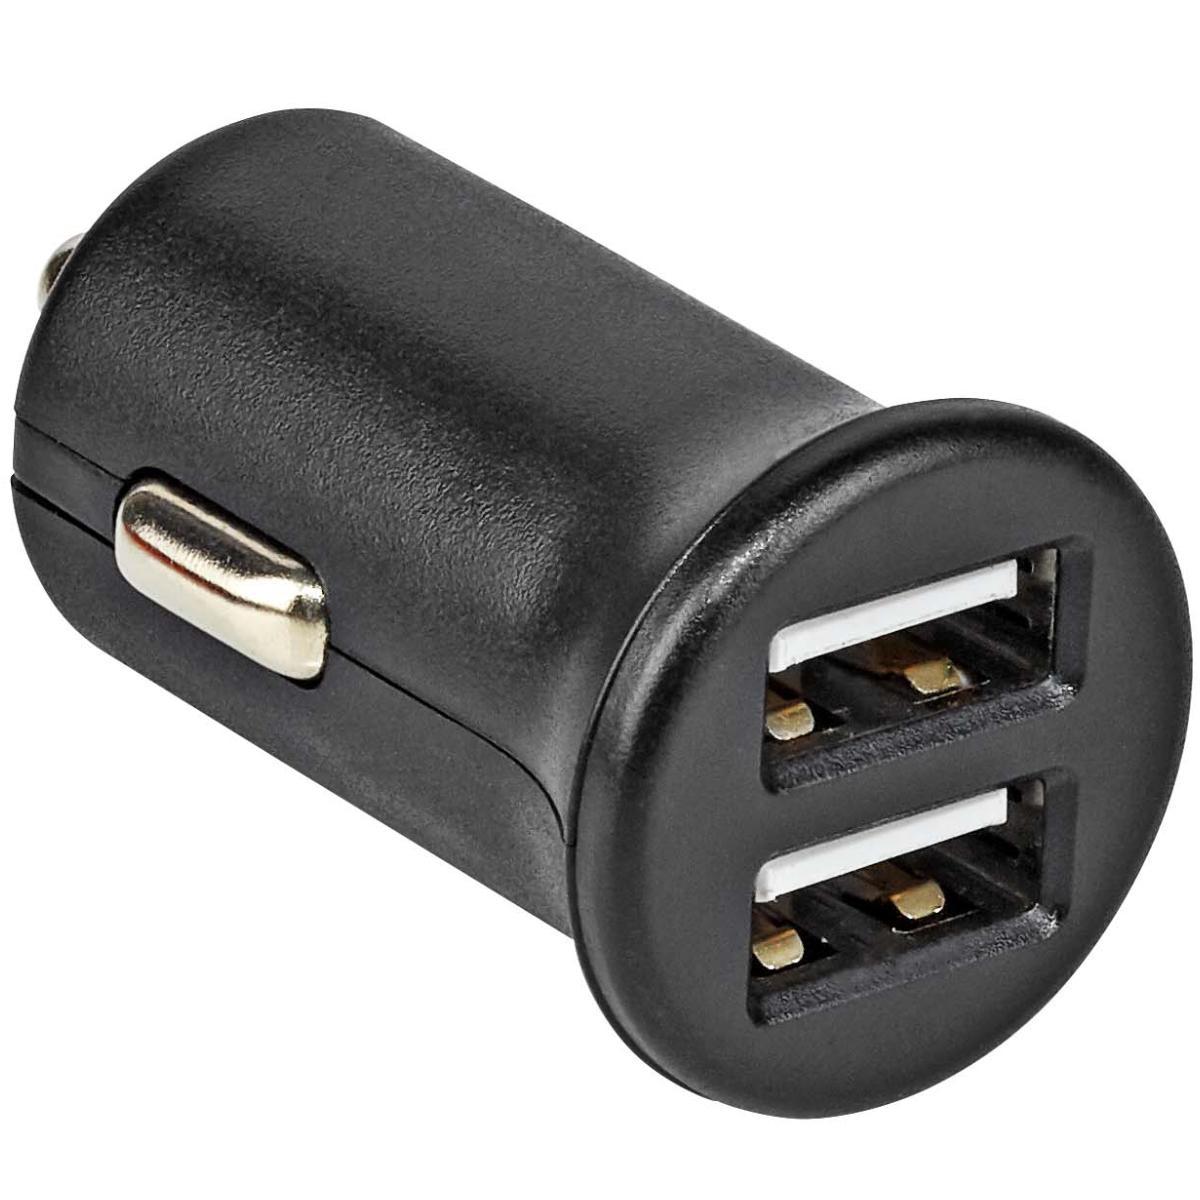 USB Lader iPhone 6 Plus - Autolader USB Uitgaande stroomsterkte 2x USB: 1050 mA